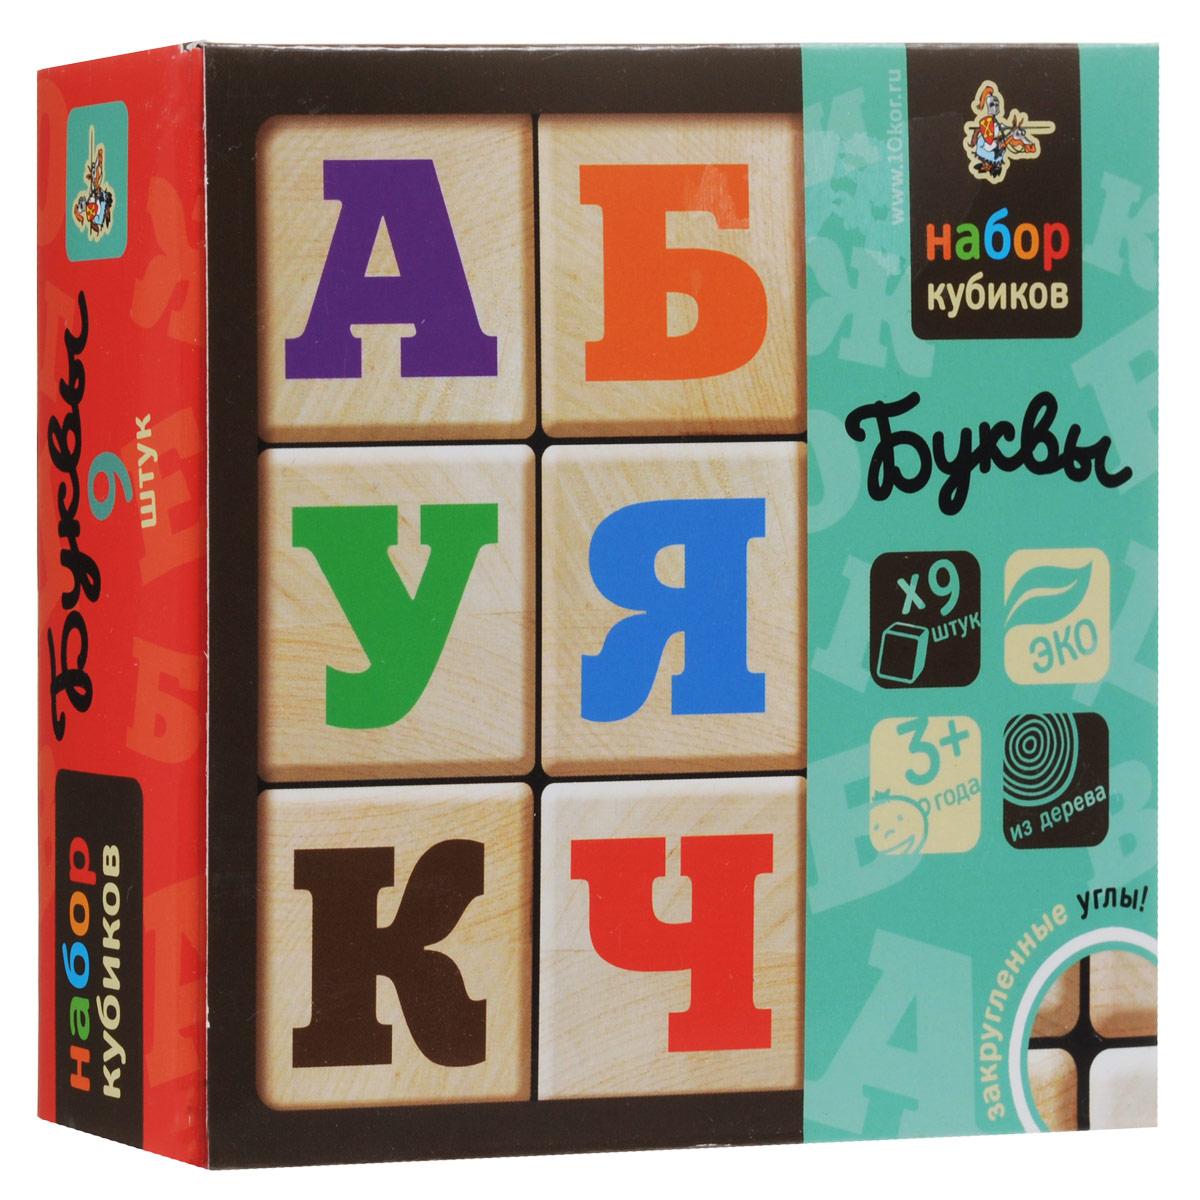 Набор кубиков Буквы, 9 шт01614Кубики «Буквы» выполнены из идеального материала для детской игрушки - дерева, он твердый и теплый на ощупь. Считается, что при контакте человека с деревом происходит активный биоэнергетический обмен и оно передает ему часть своей силы. Деревянная игрушка долговечна и безопасна, гладко отшлифована, все грани и углы закруглены. Обратите внимание малыша на яркие буквы и произносите их вслух, используйте кубики для различных построек, составляя простые слова, и вскоре ваш малыш сам начнет сооружать башни из знакомых слов. Рекомендуется для развития у детей логического мышления, развития памяти, координации движений.